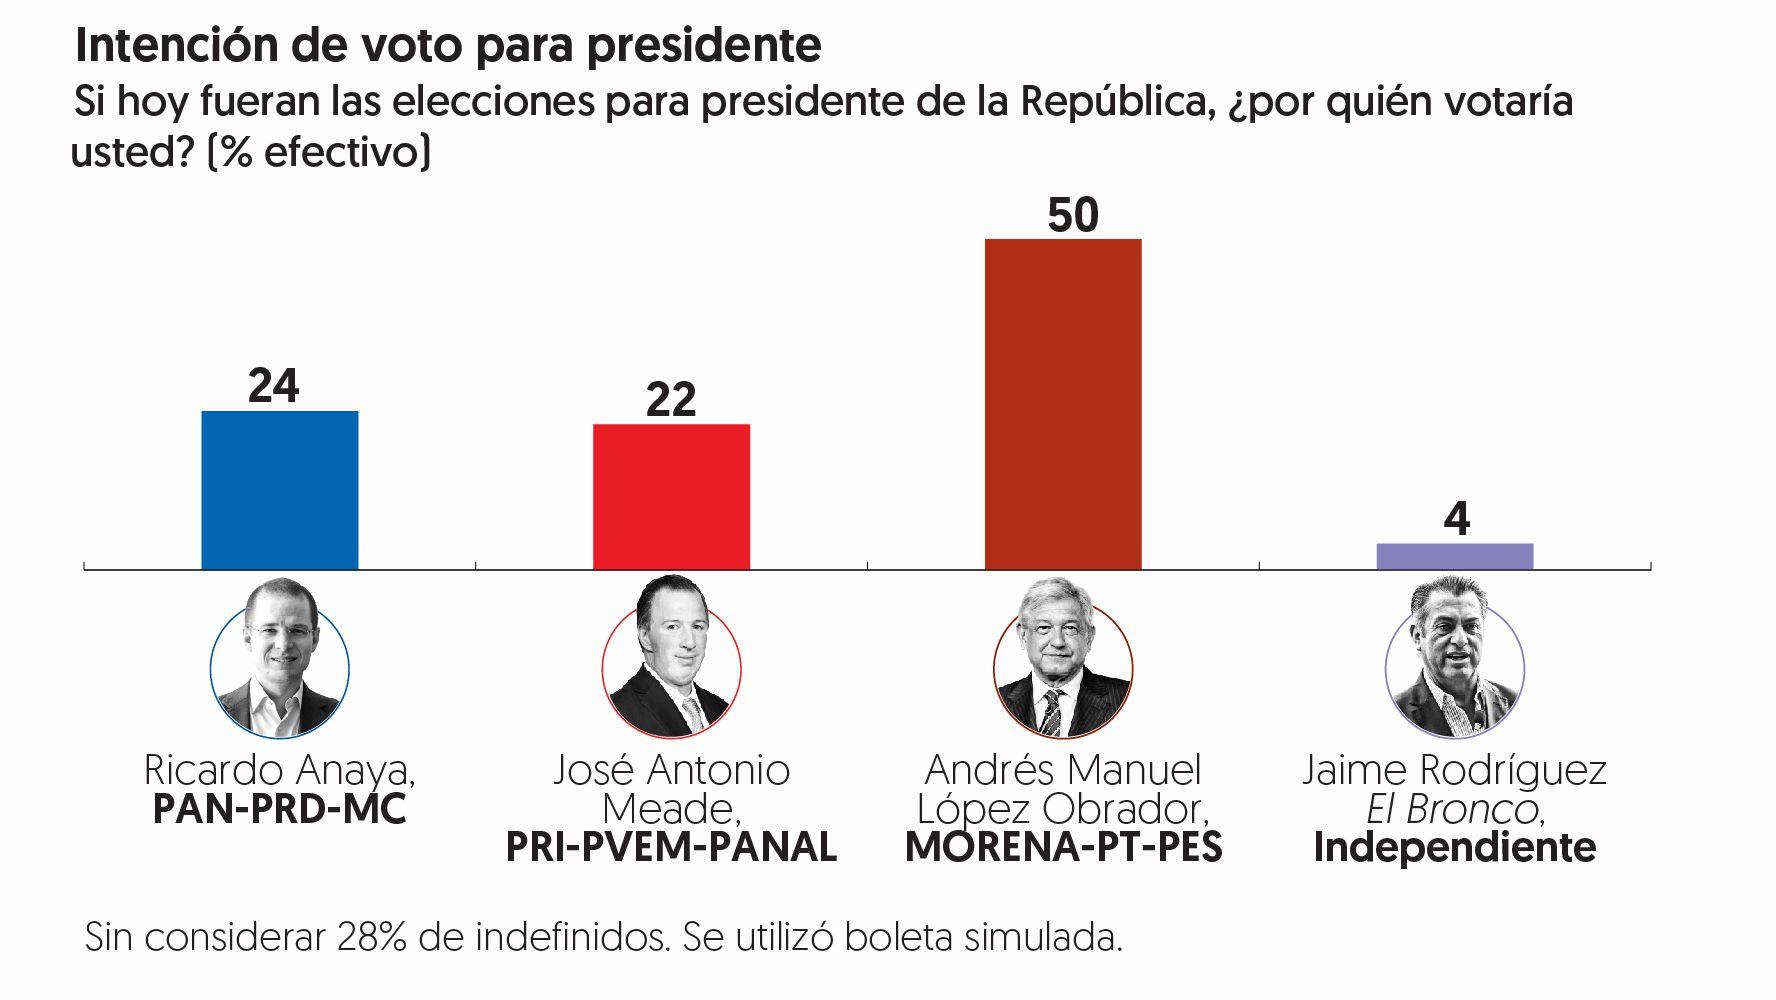 """Encuesta de preferencias electorales de <em></noscript>El Financiero</em>. Publicación: 4 de junio de 2018."""" width=""""1776″ height=""""1000″ class=""""aligncenter size-full wp-image-2765″></a></p> <p>""""La ventaja de Andrés Manuel López Obrador se amplió entre mayo y junio de 20 a 26 puntos, al subir en la intención de voto de 46% a 50%, mientras que Ricardo Anaya pasó de 26 a 24% José Antonio Meade suma 22%"""", destaca Alejandro Moreno en la <a href="""